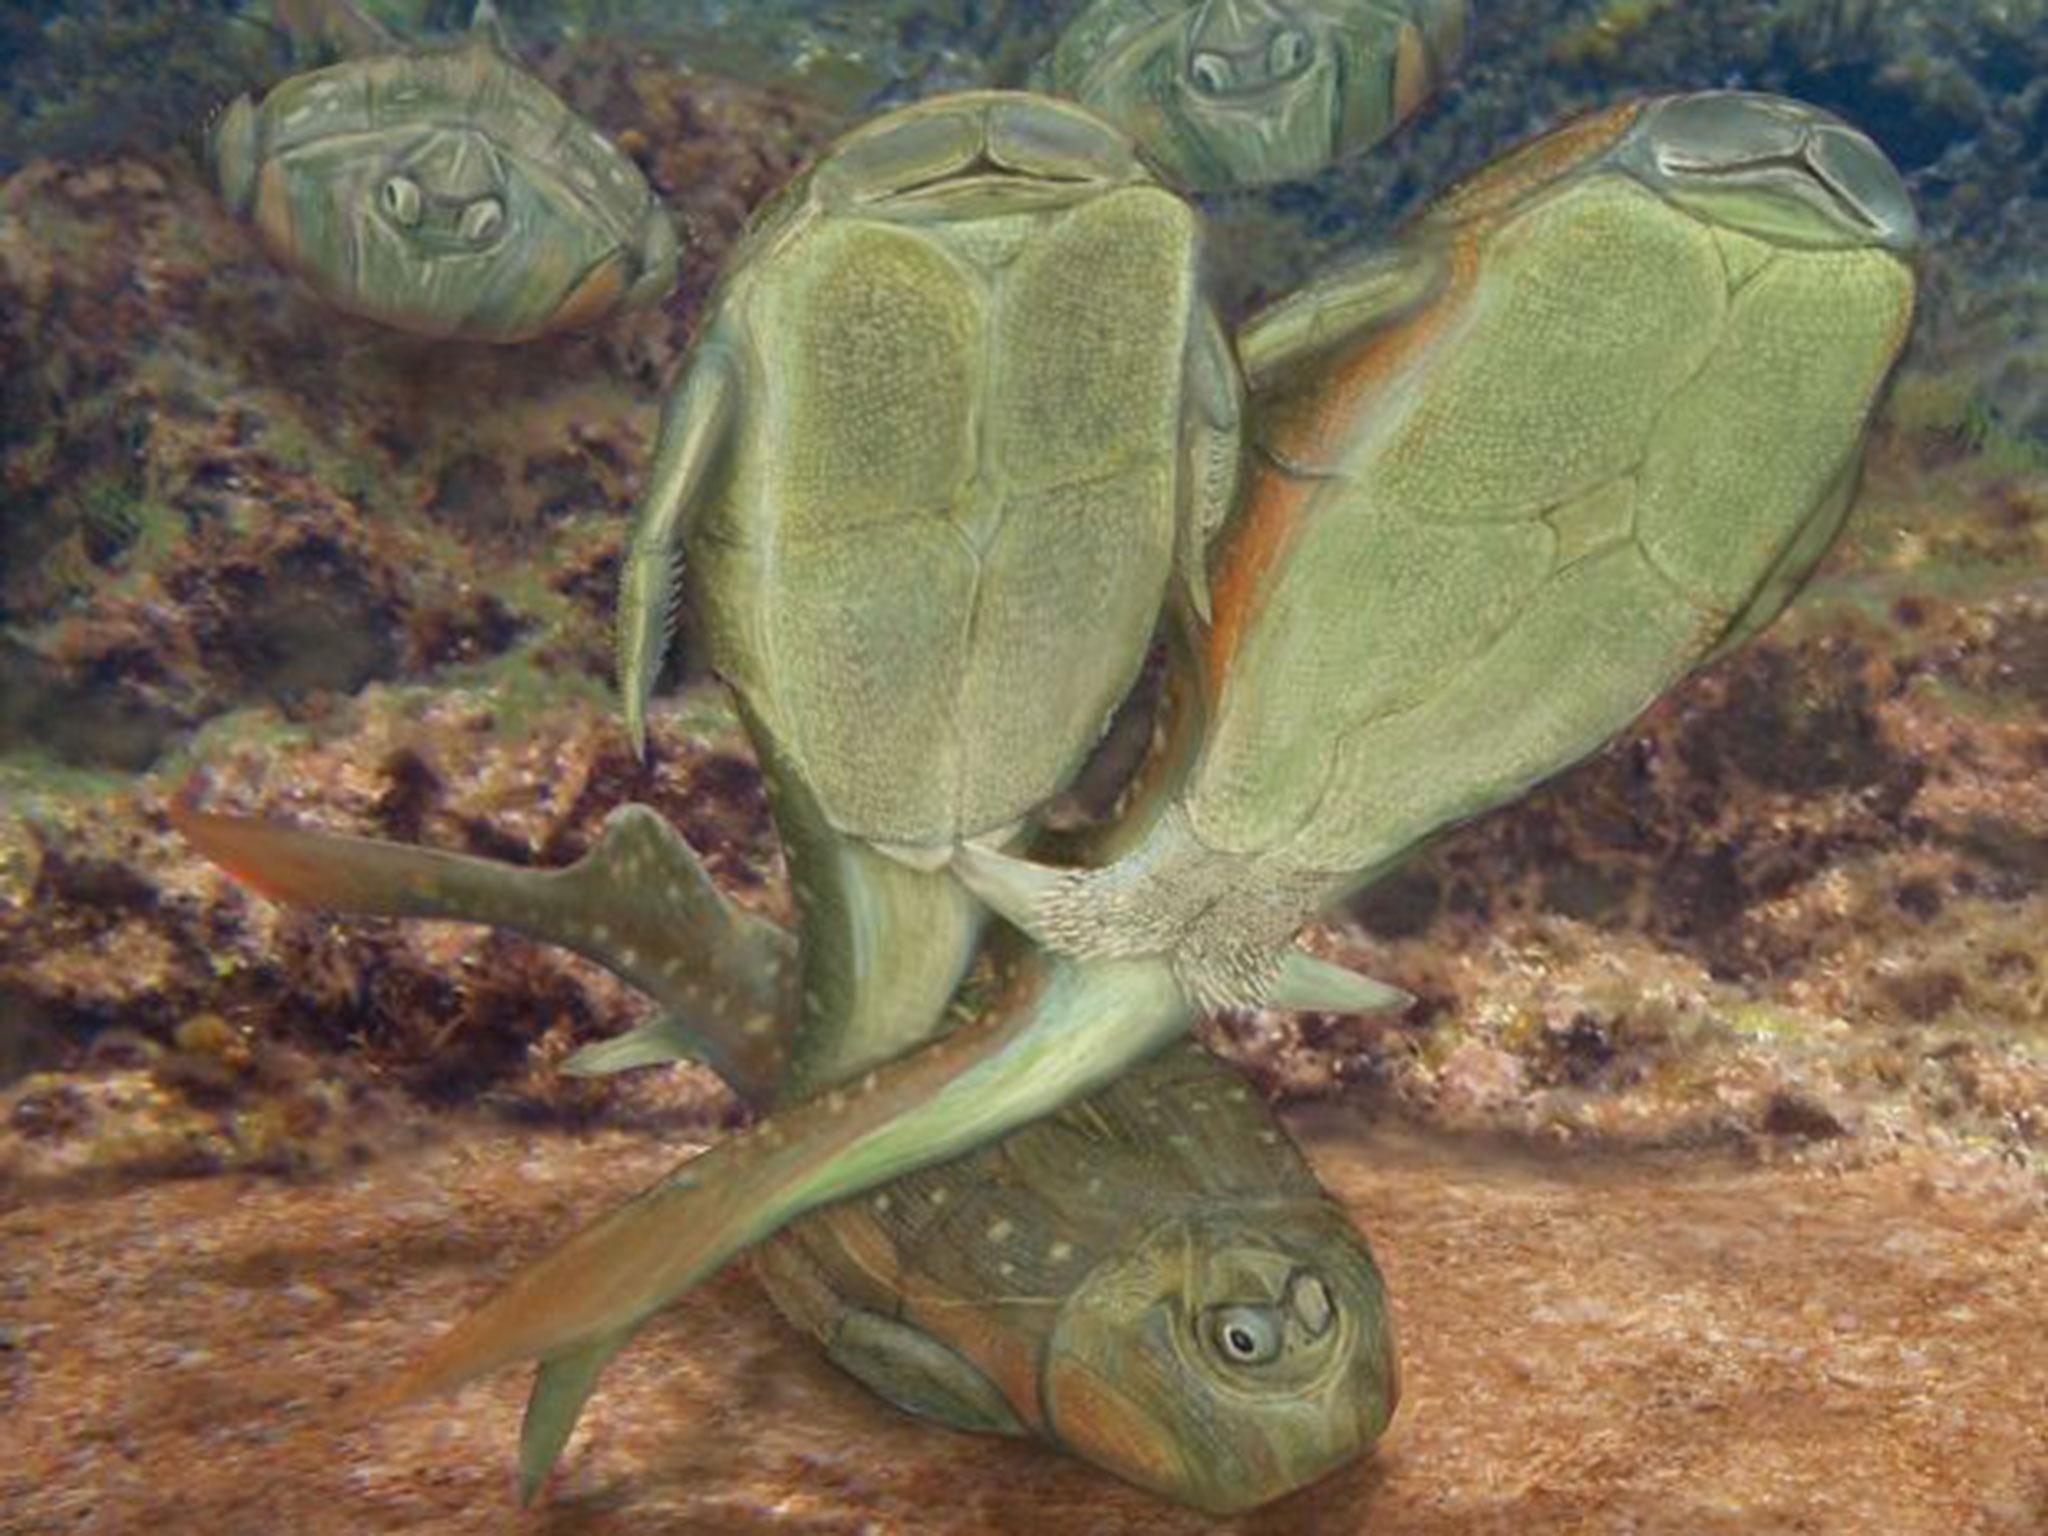 澳大利亚科学家最新研究表明,地球最早动物性交配行为出现于4.3亿年前。